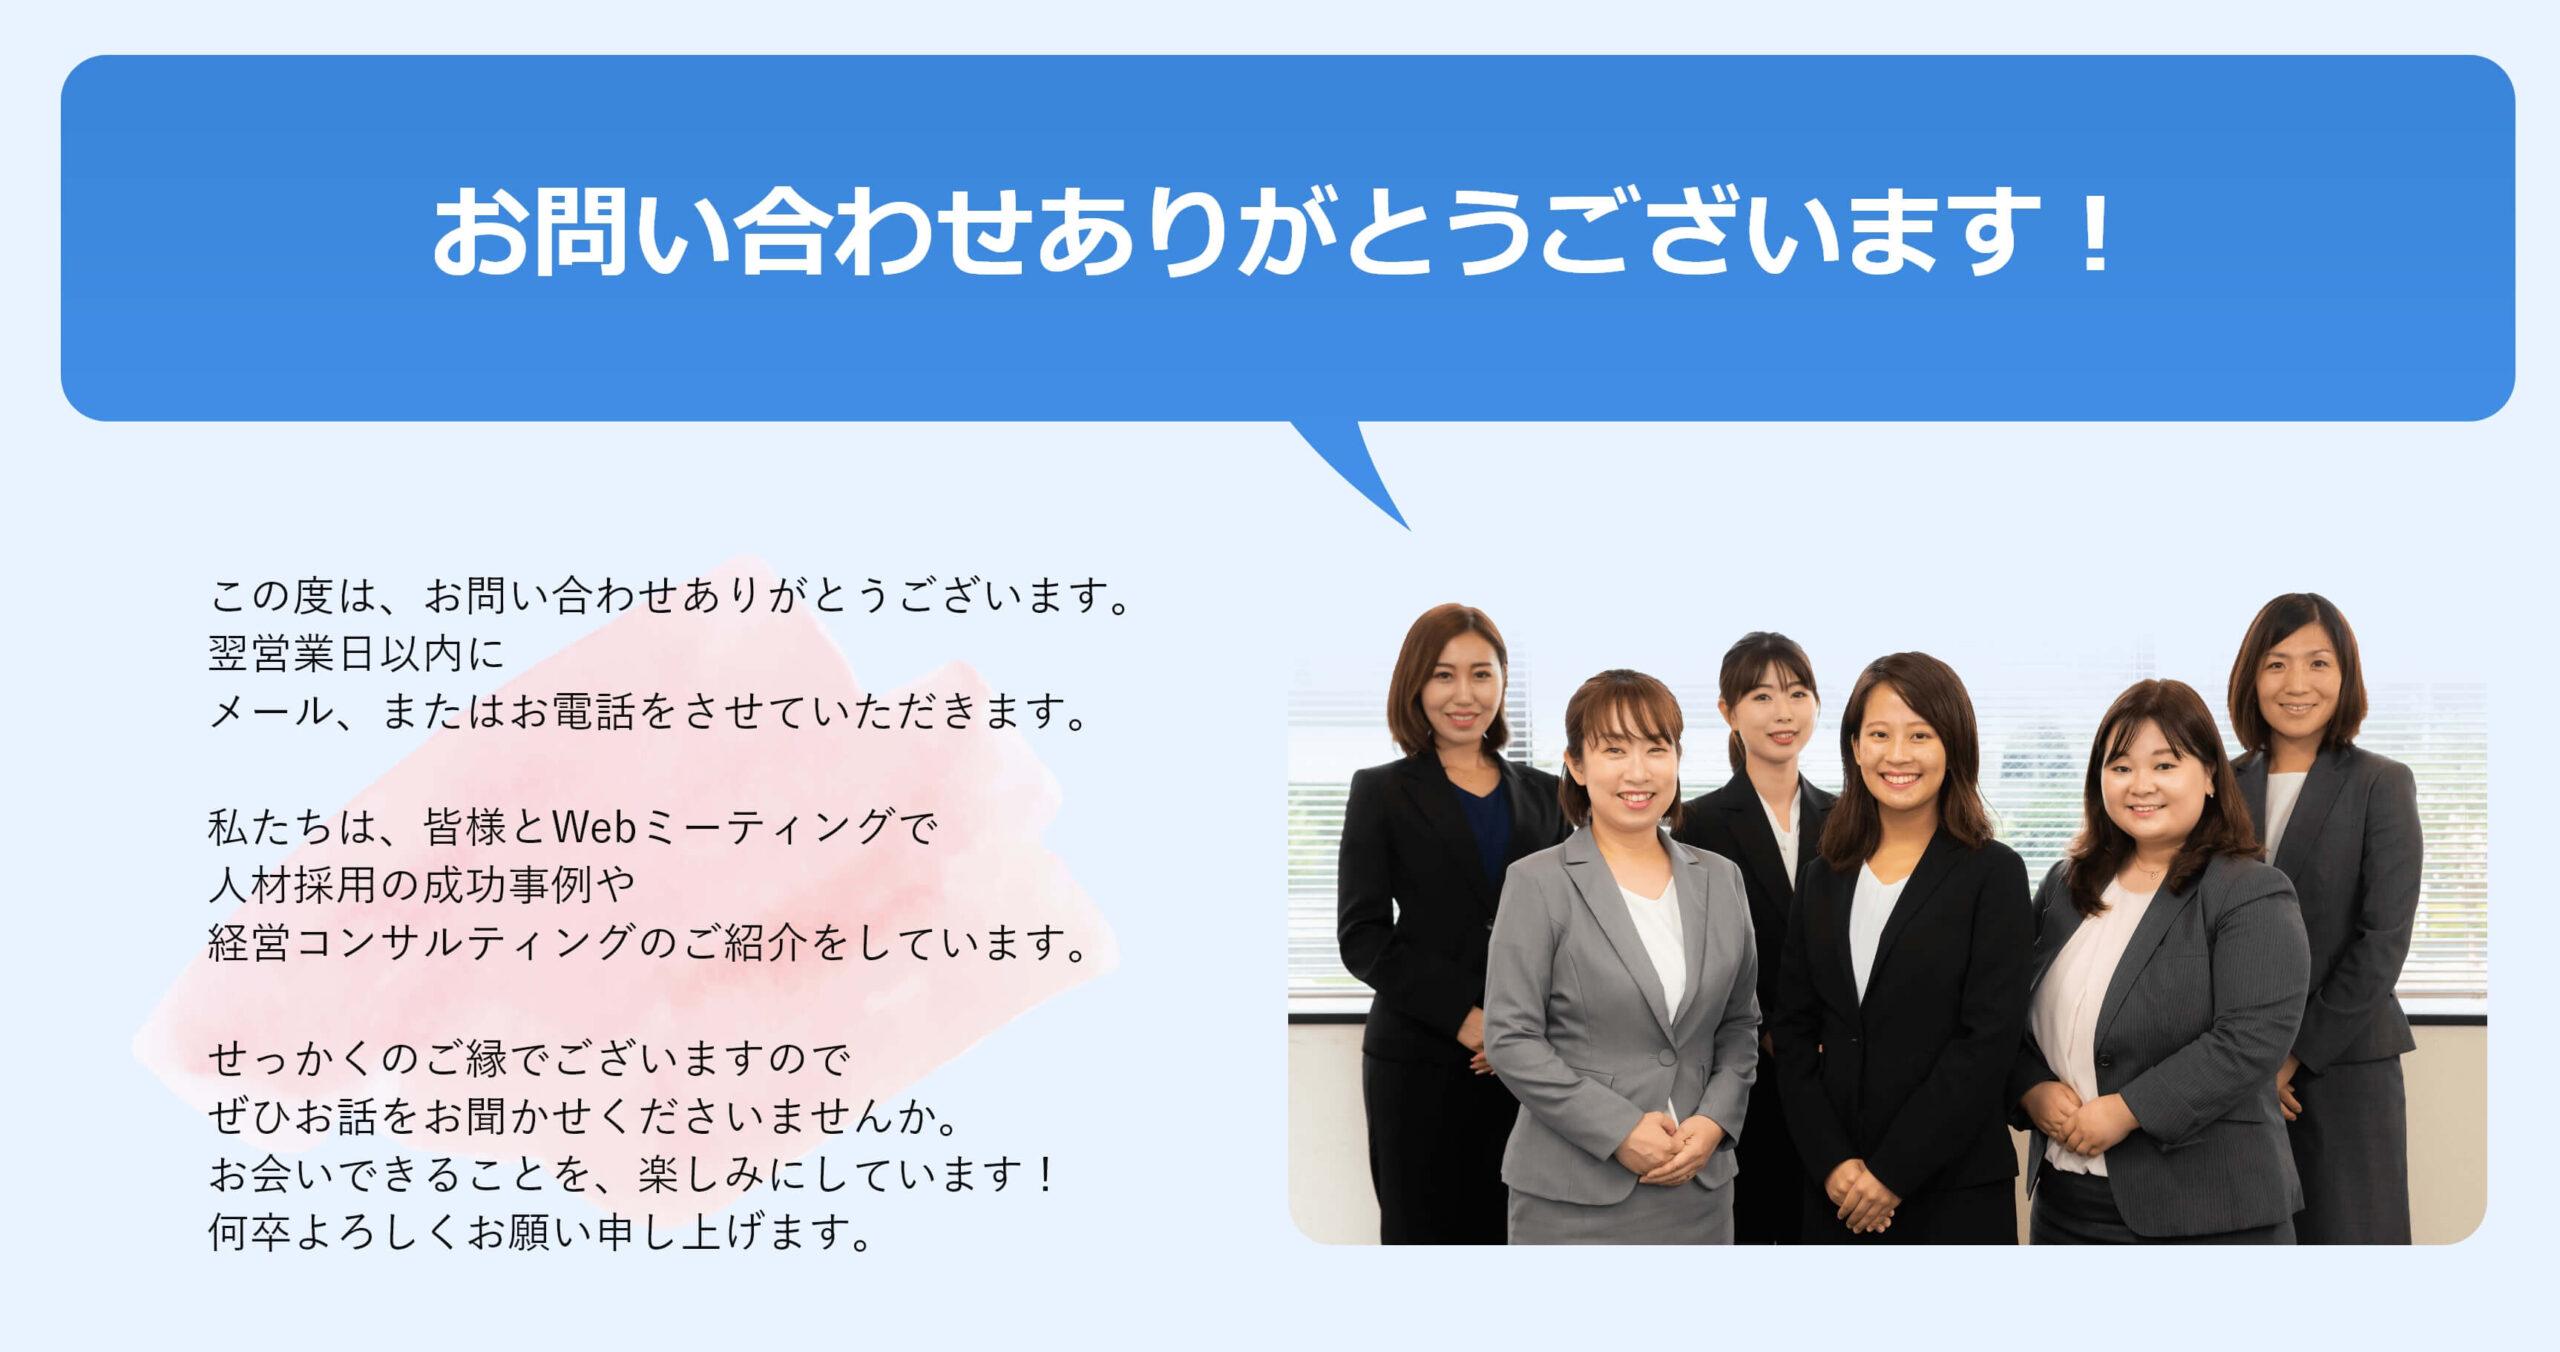 採用代行・採用アウトソーシングなら愛知県の株式会社リンクコンサルティンググループ